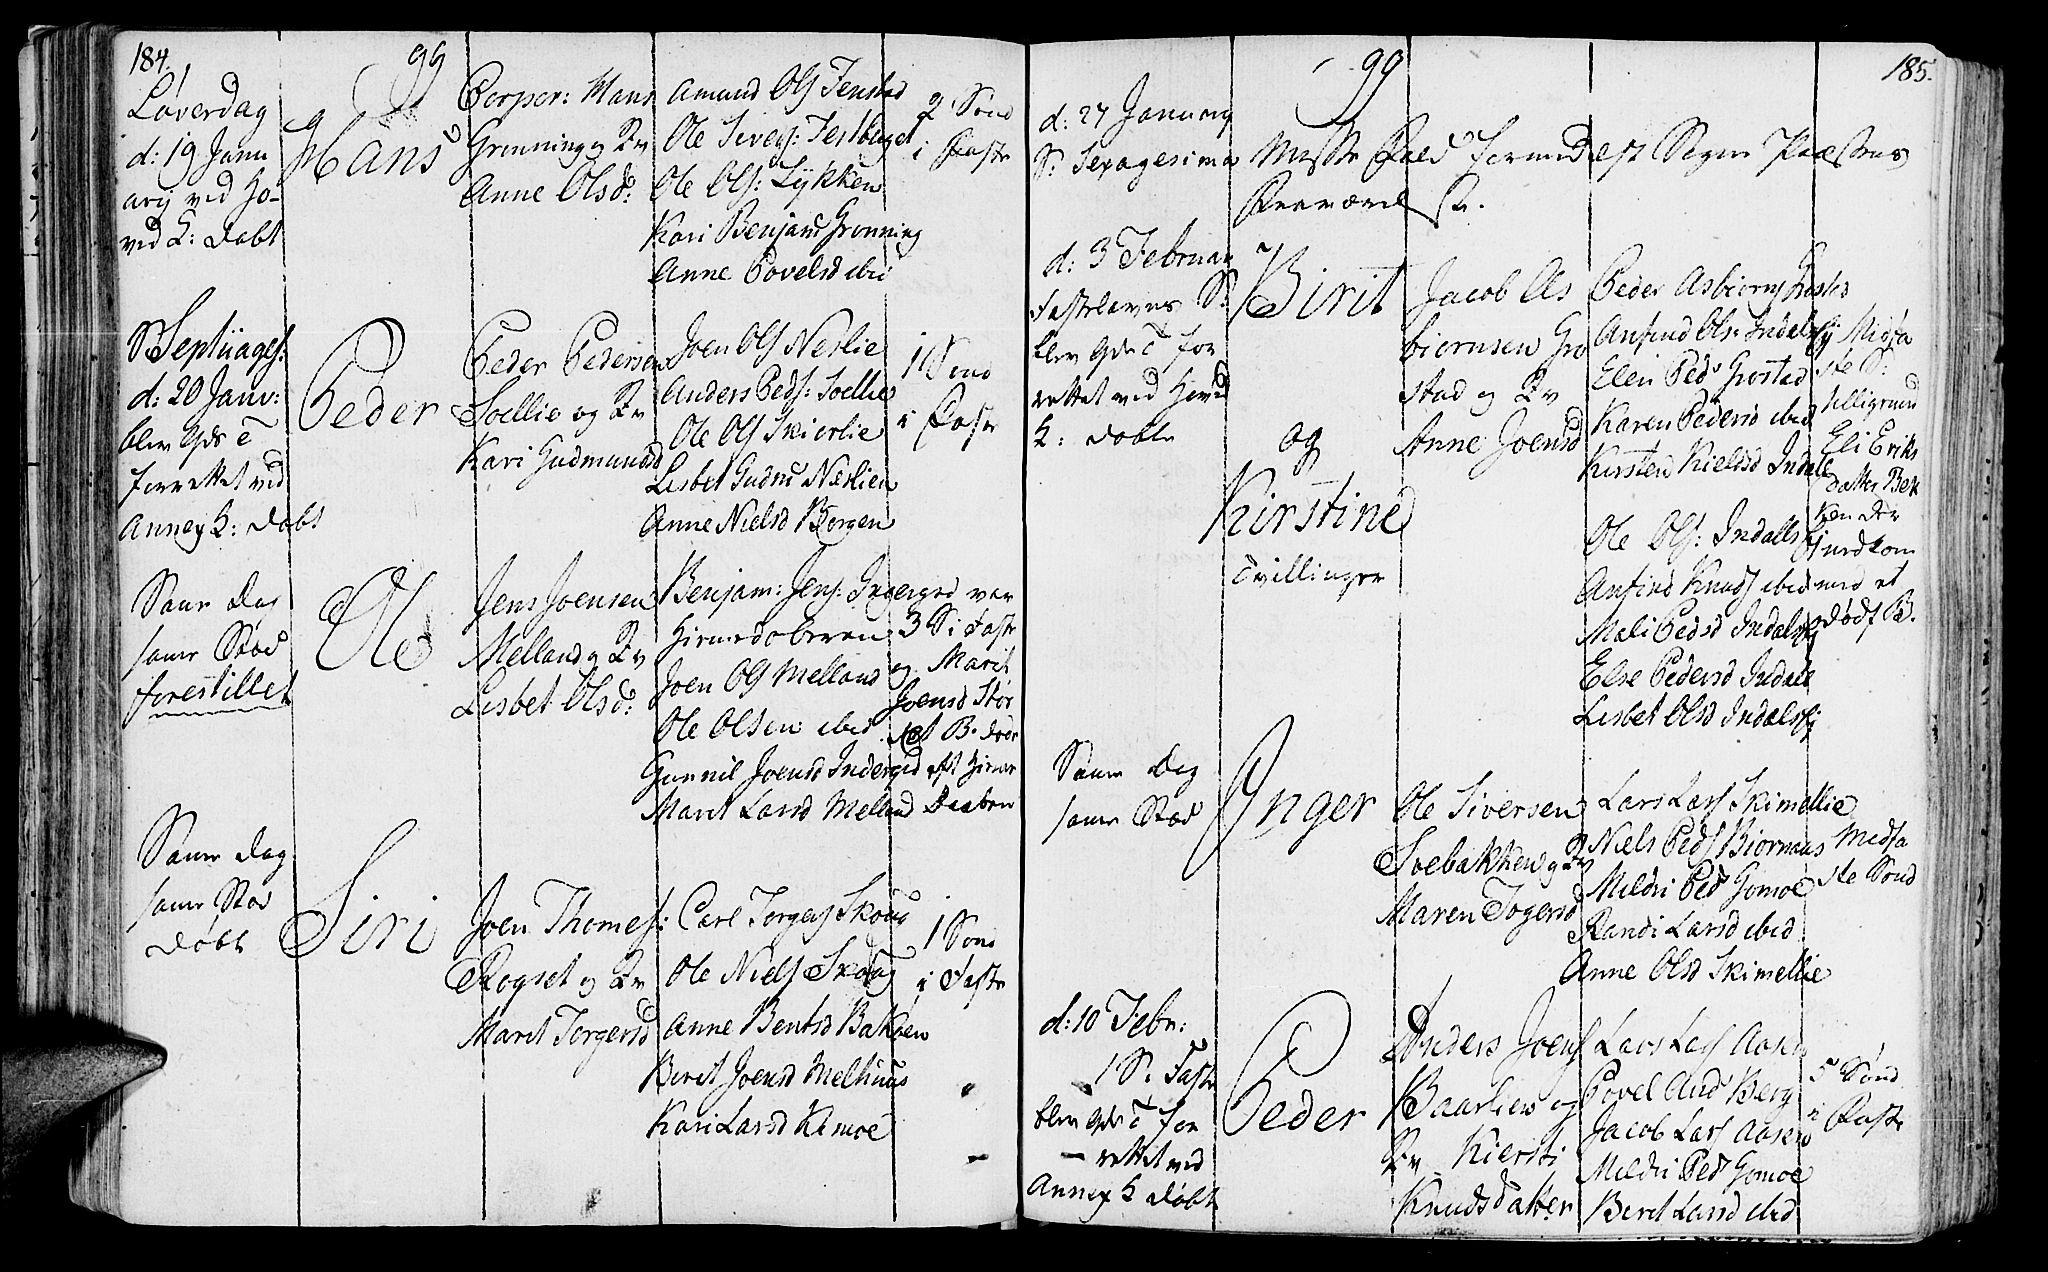 SAT, Ministerialprotokoller, klokkerbøker og fødselsregistre - Sør-Trøndelag, 646/L0606: Ministerialbok nr. 646A04, 1791-1805, s. 184-185